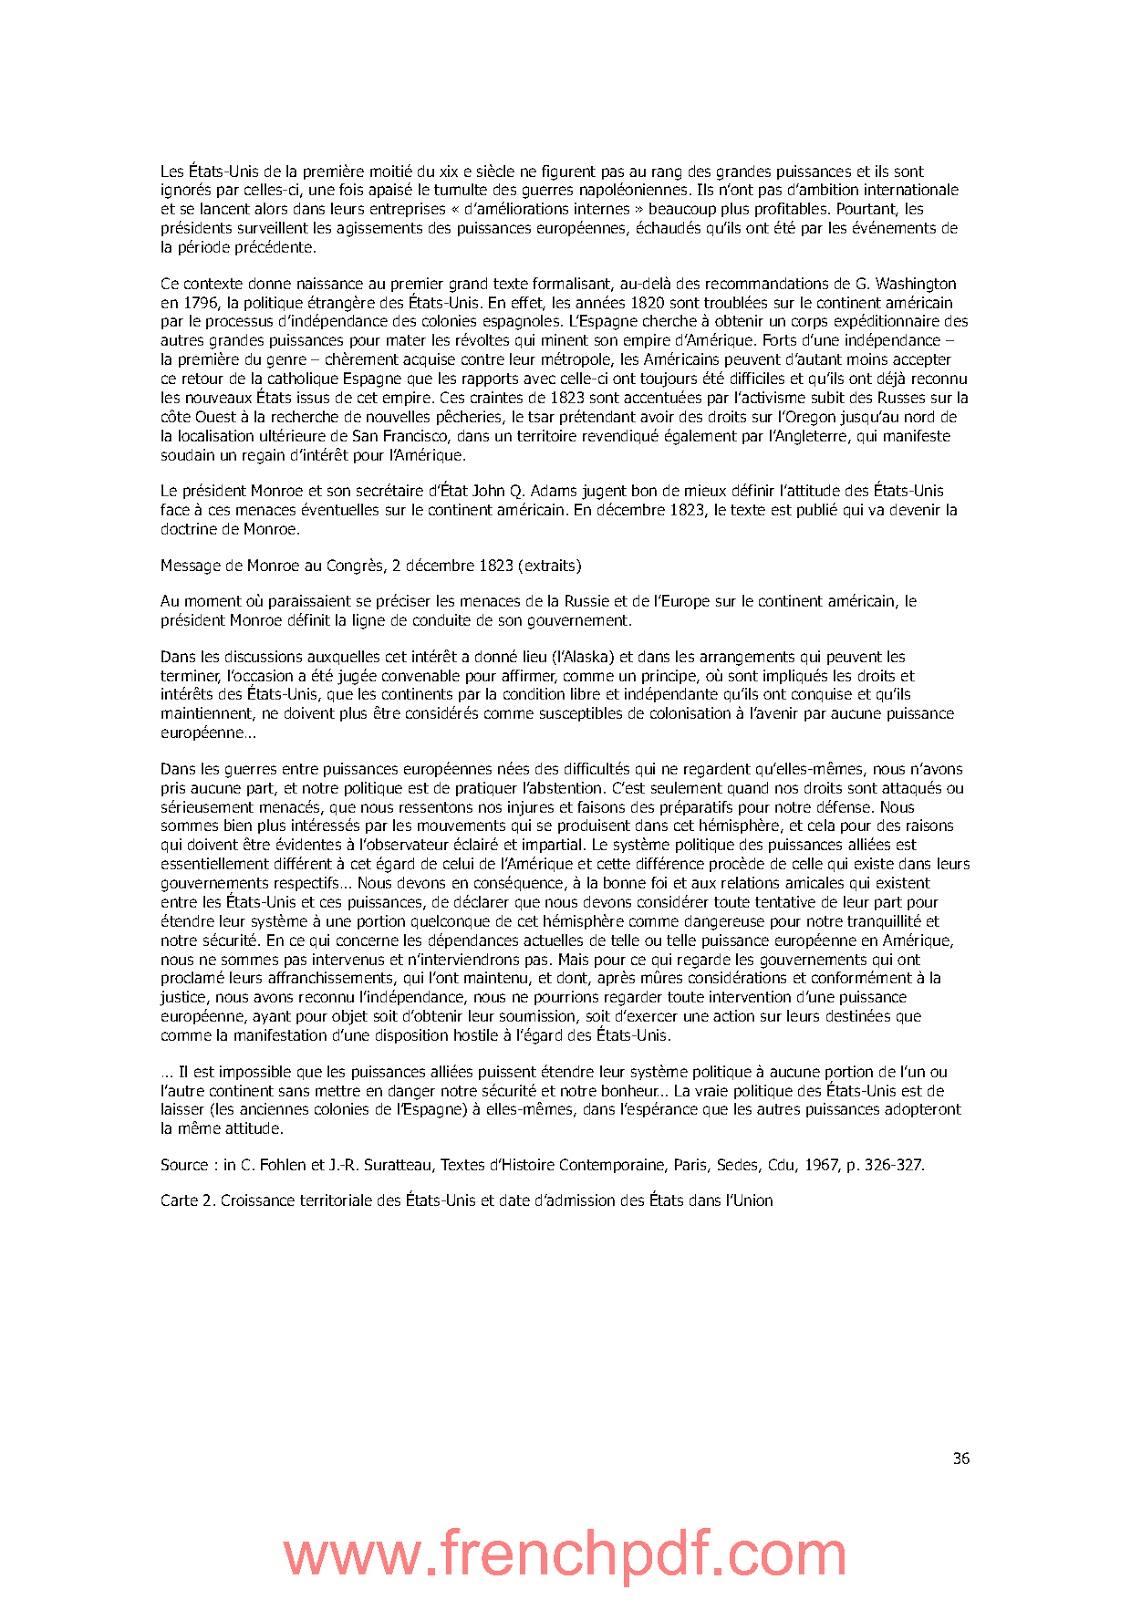 Histoire des Etats-Unis de 1776 à nos jours de Jacques Portes PDF Gratuit 3